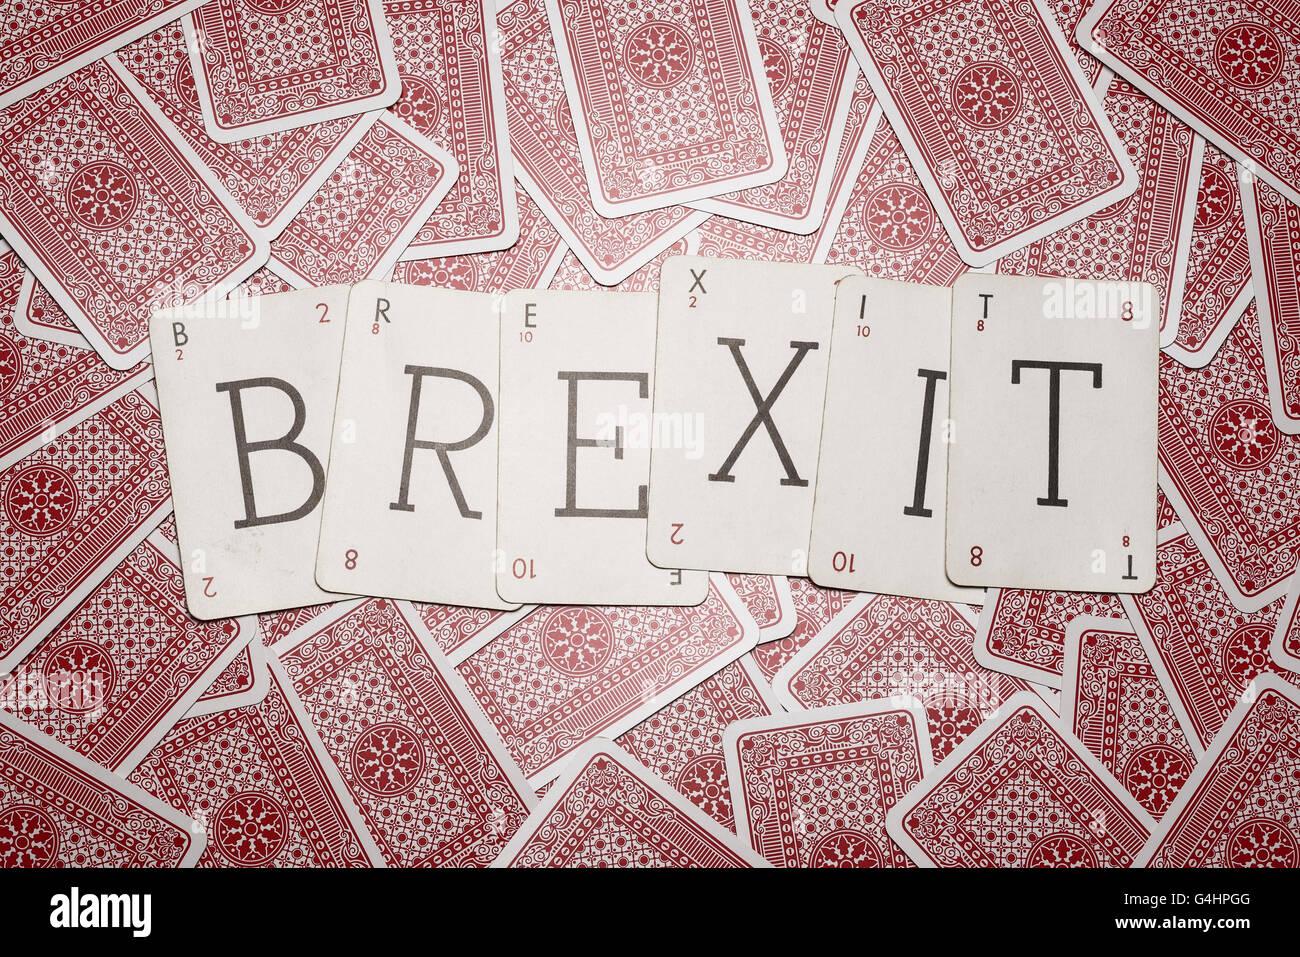 Still Life Studio Konzept Bild für das UK-Referendum über die EU-Mitgliedschaft Stockbild